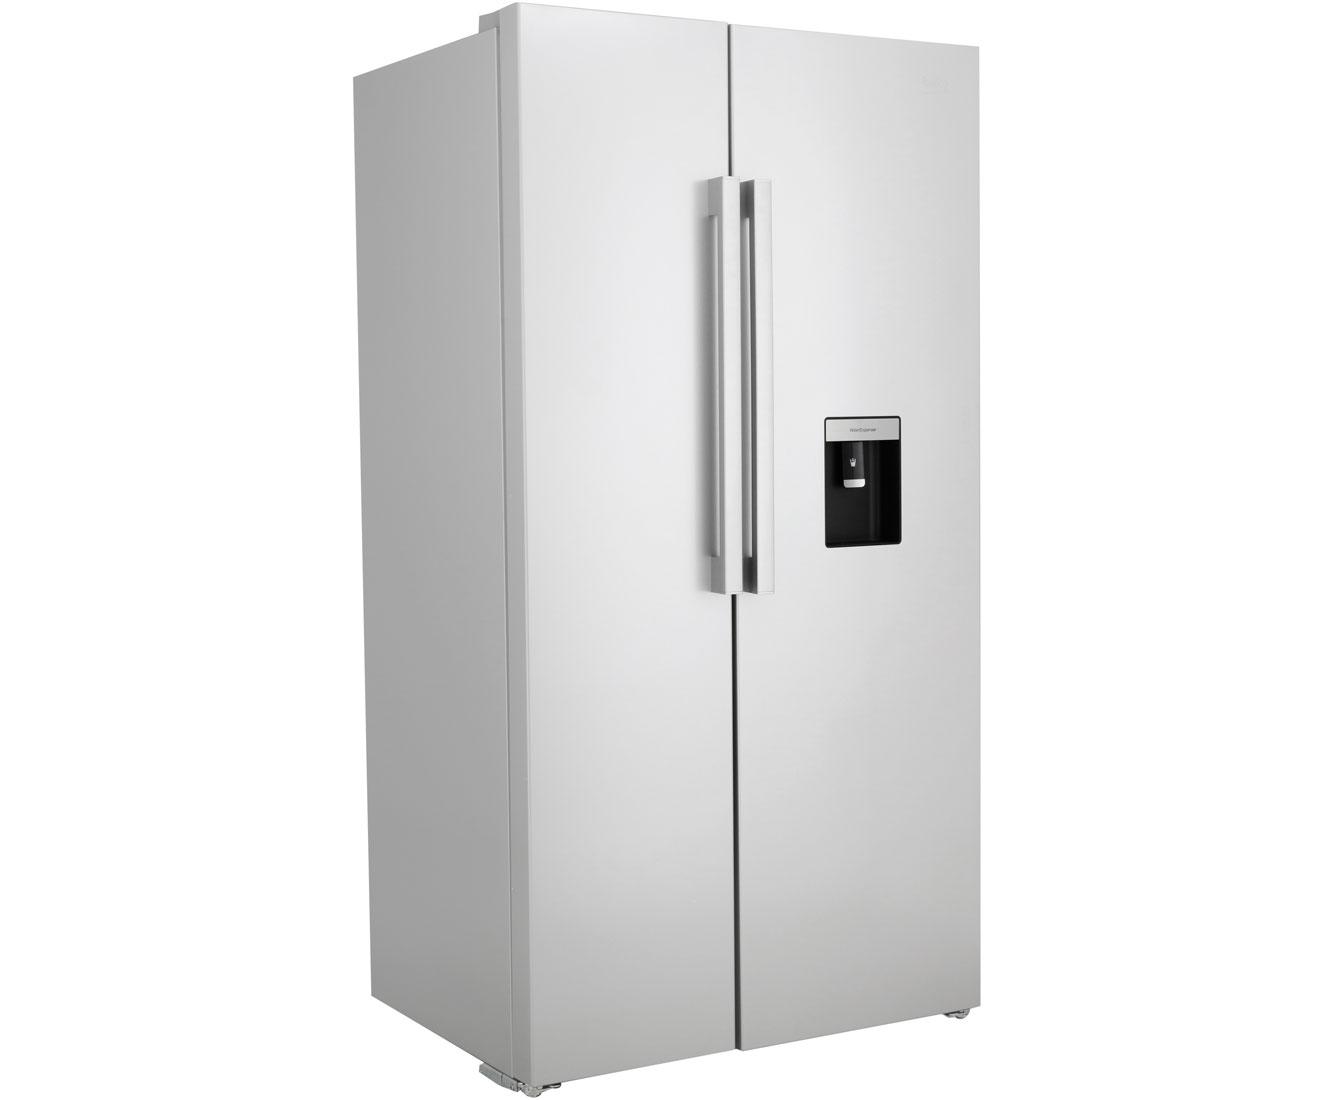 Side By Side Kühlschrank Gewicht : Beko side by side kühlschrank gewicht: lg gsl icez a side by side